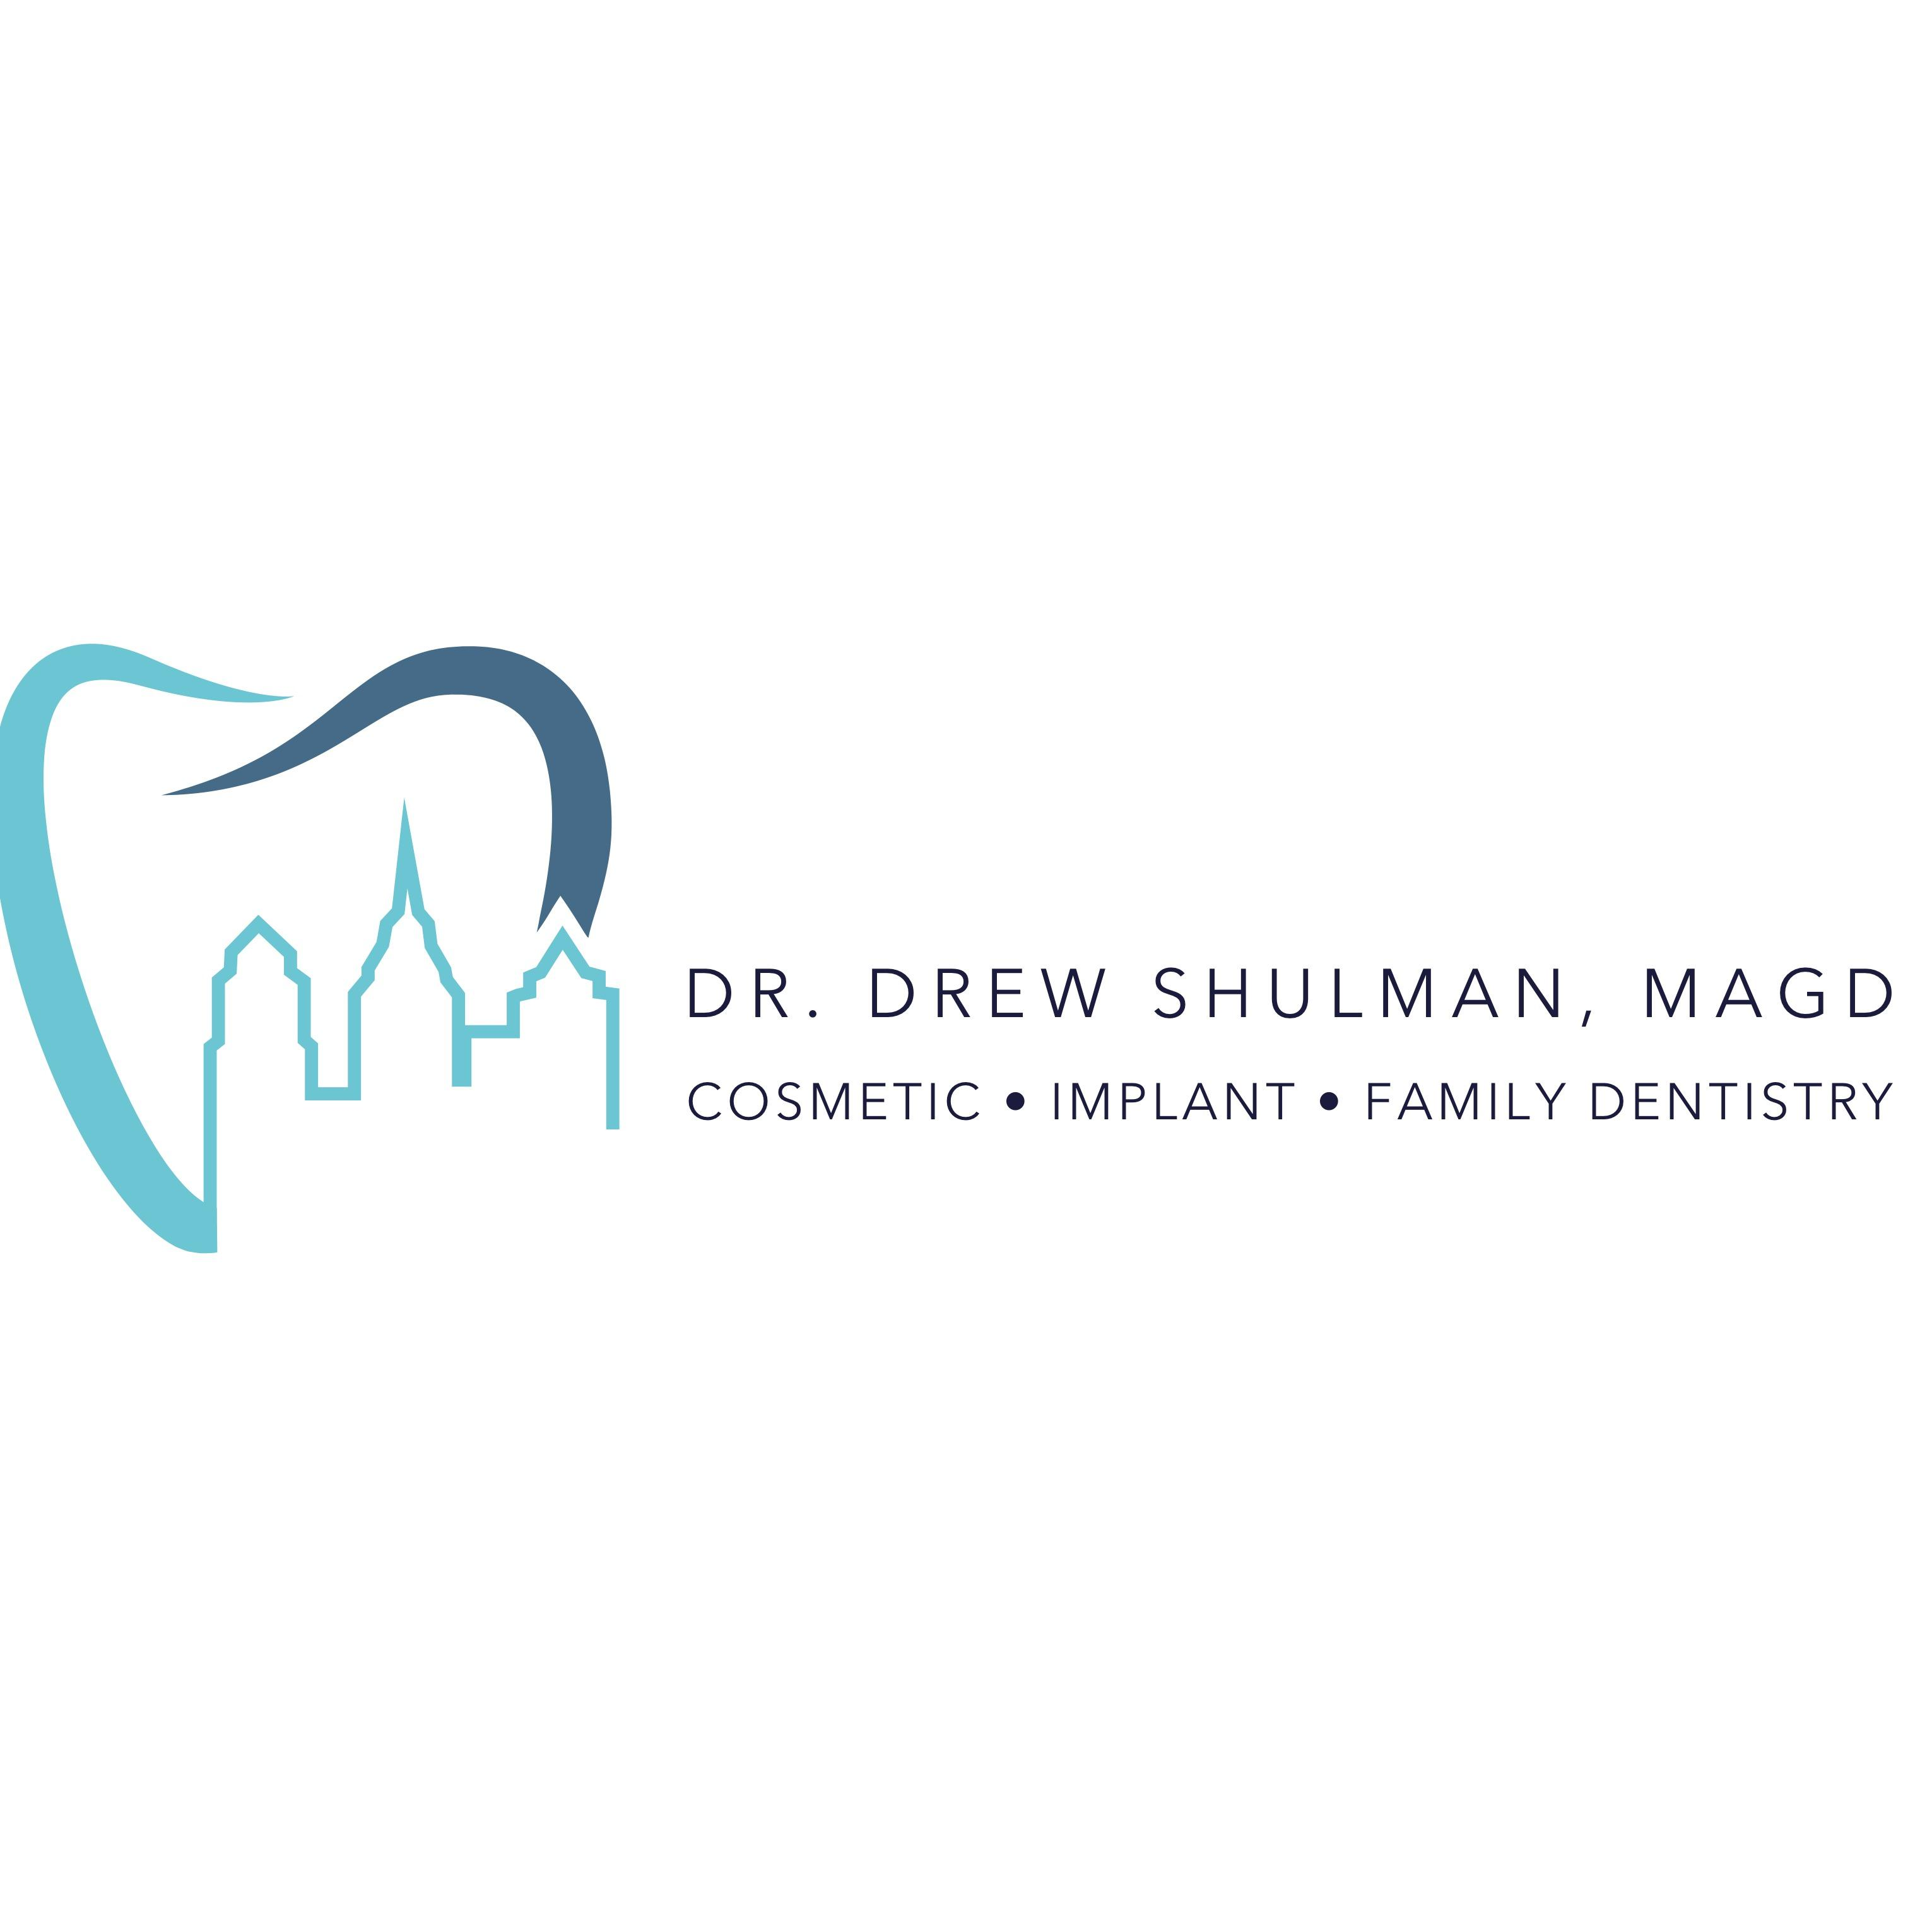 Drew A. Shulman DMD, MAGD